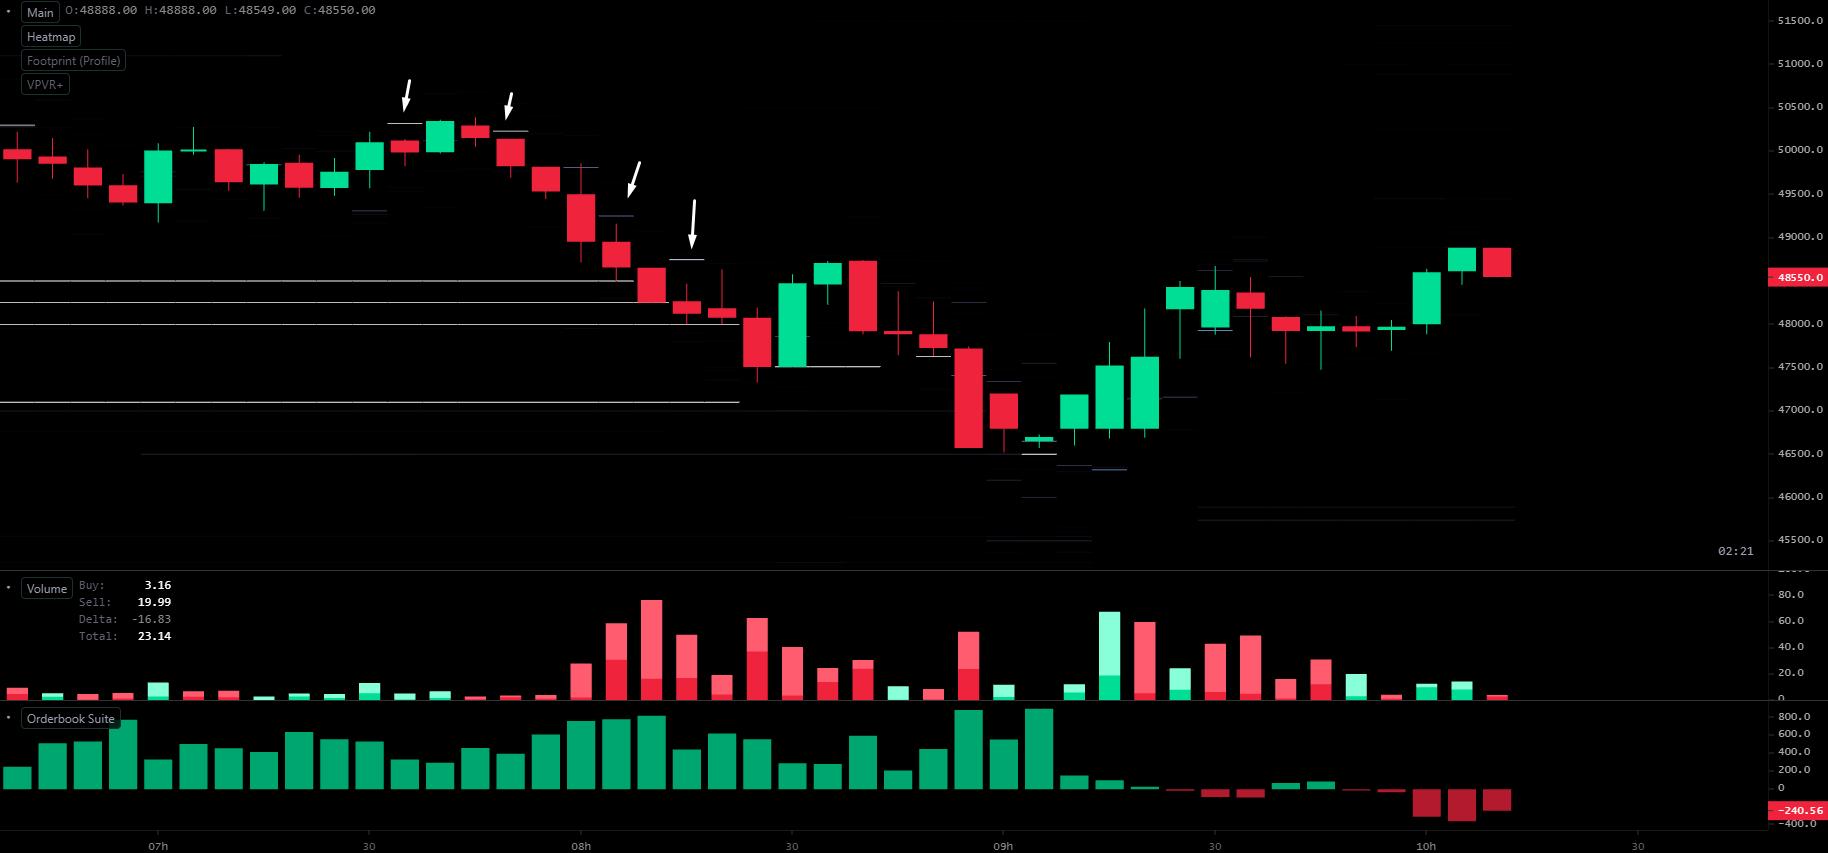 5,64 tỷ đô la được thanh lý trong 24 giờ khi Bitcoin tiếp tục thua lỗ – Một cuộc biểu tình cứu trợ sắp đến gần?